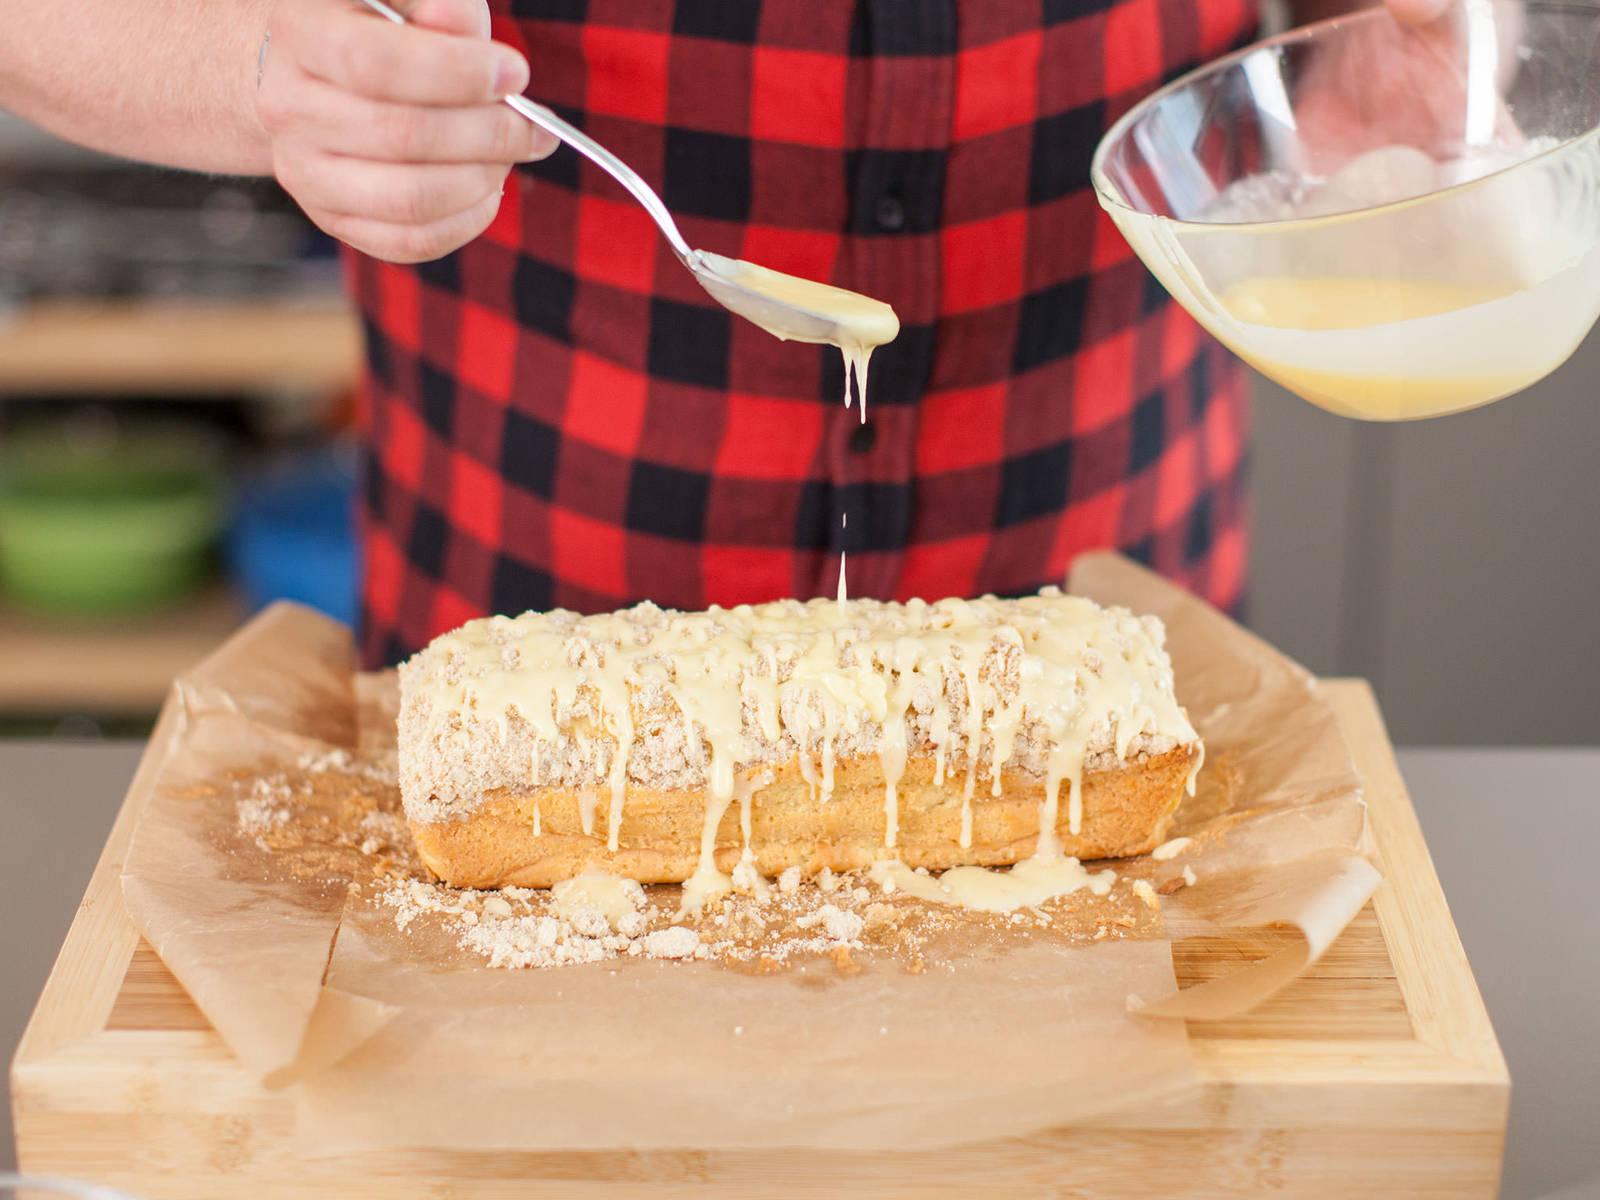 从烤箱中取出蛋糕,放到冷却架上,静置冷却。同时,融化剩余的黄油,将其与剩余的蛋酒、朗姆酒和糖粉混合,将混合物涂到蛋糕表面。